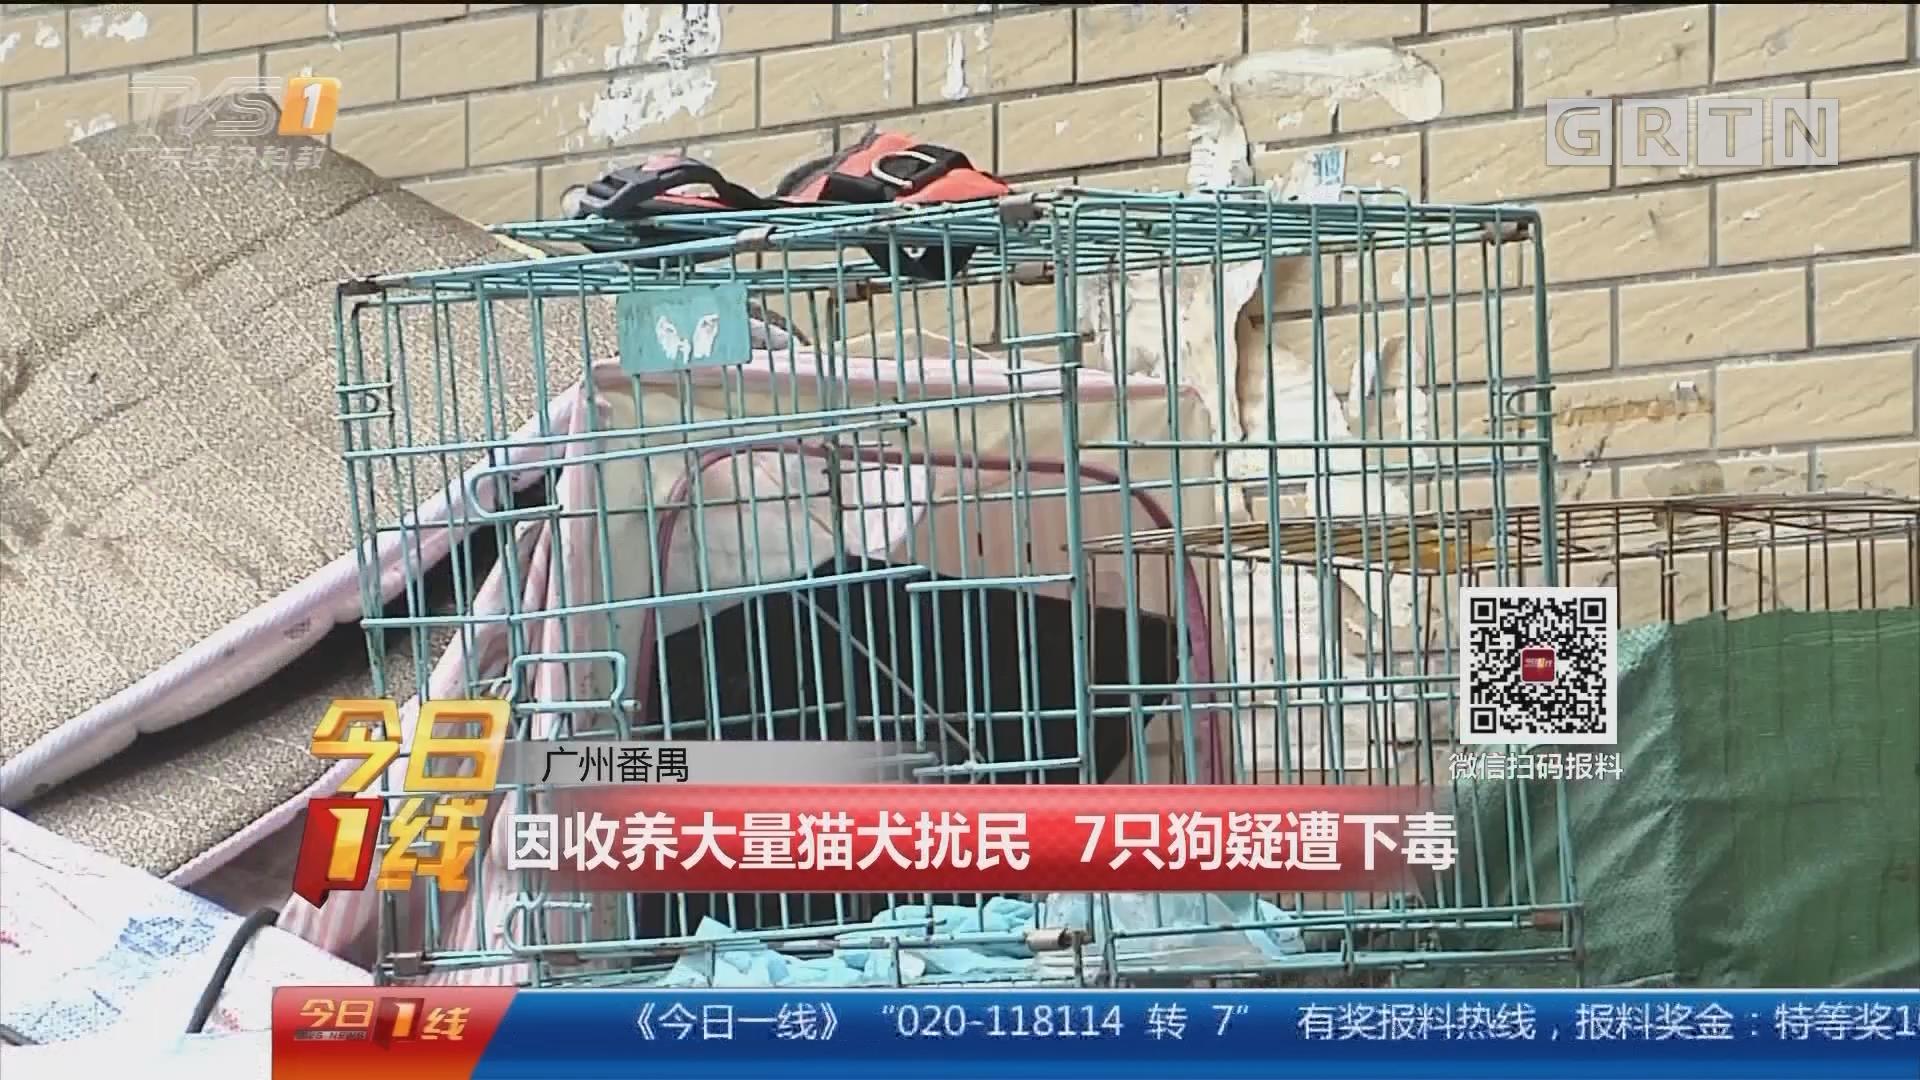 广州番禺:因收养大量猫犬扰民 7只狗疑遭下毒